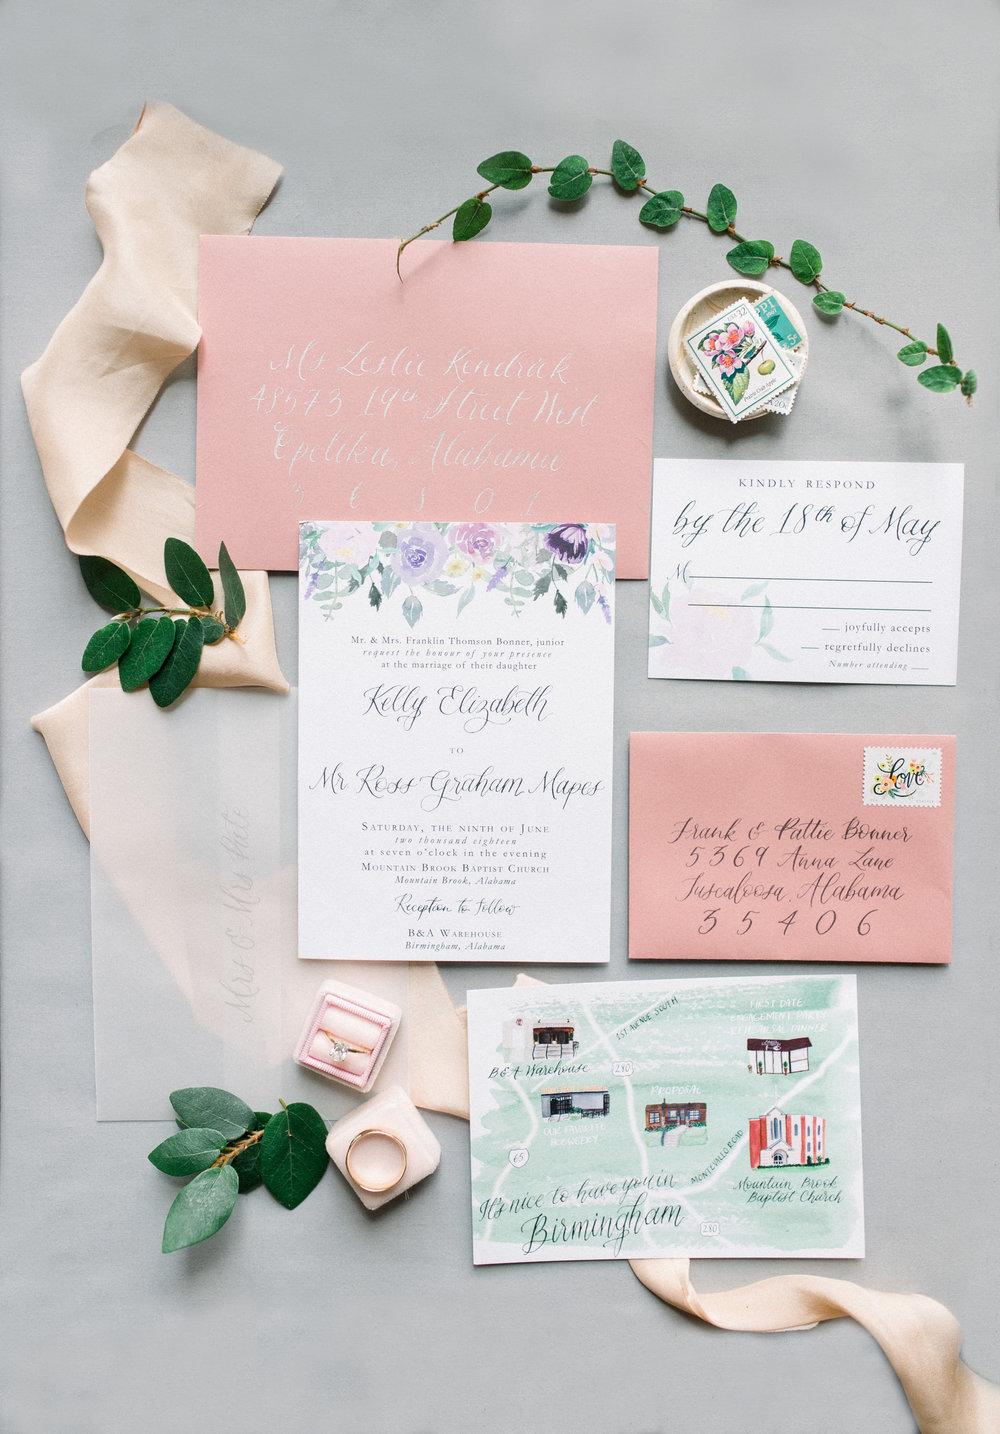 Mapes Wedding-Details-0009.jpg